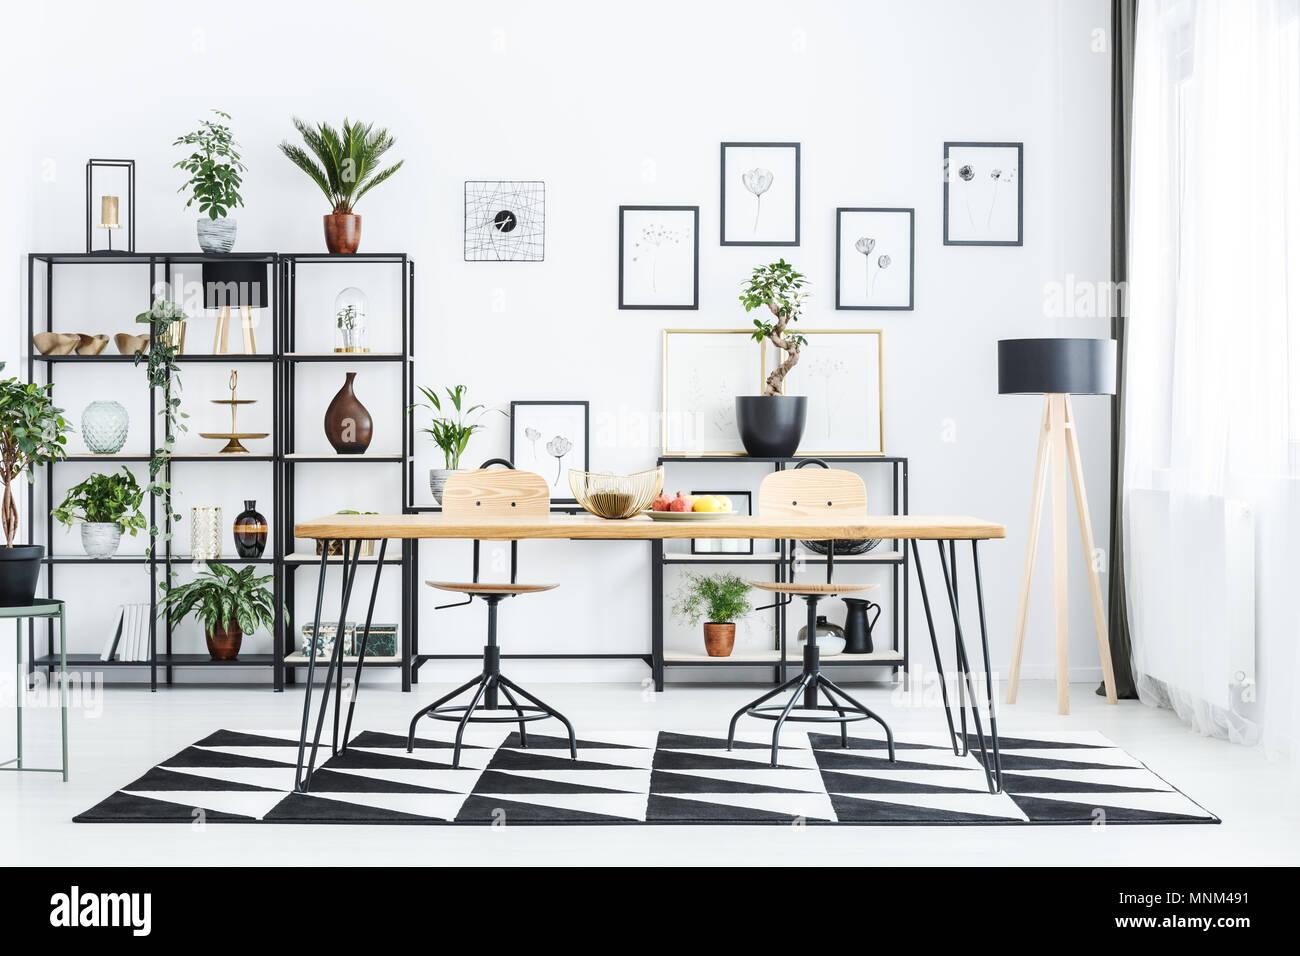 Silla de madera en la mesa sobre alfombras geométricas en scandi comedor interior con lámpara Imagen De Stock